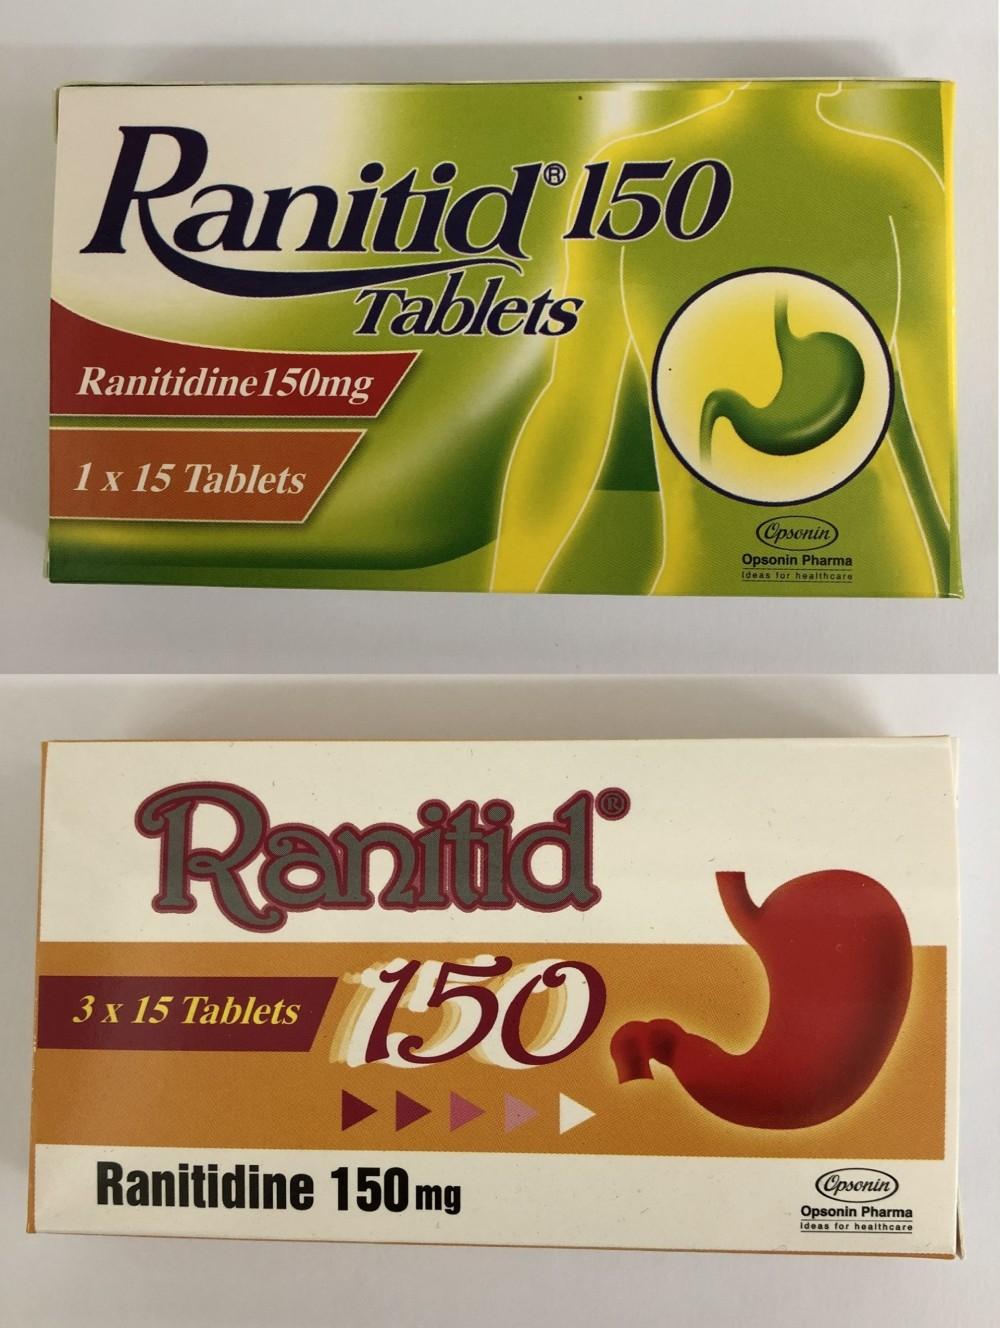 需回收的雷尼替丁产品,包括图示的Ranitid 150药片150毫克。